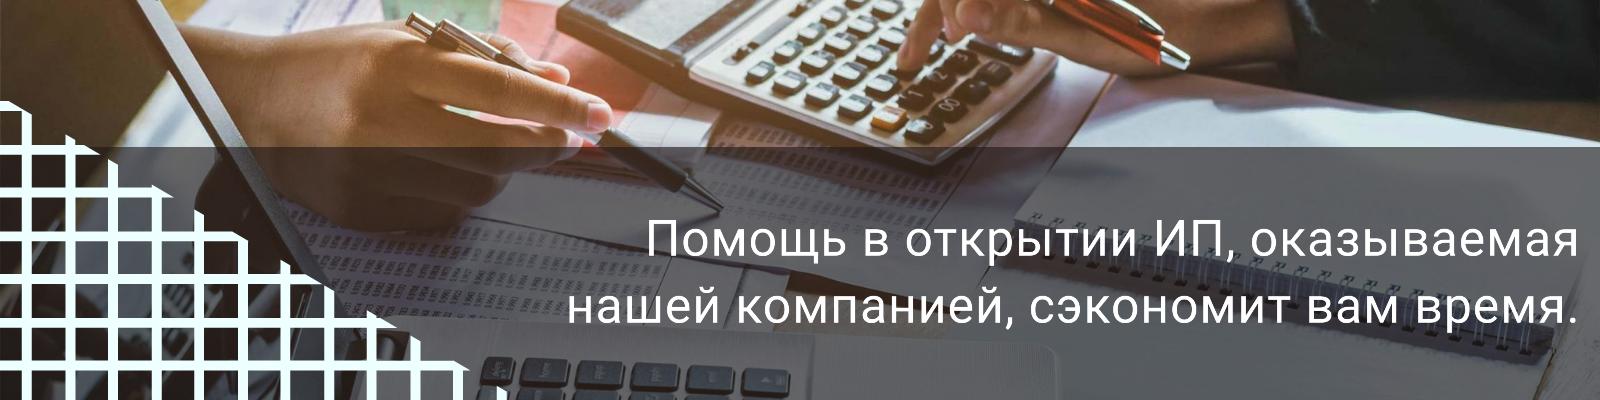 Зачем нужны налоги? куда идут налоги? понятие и возникновение налогов. налоговая система :: businessman.ru